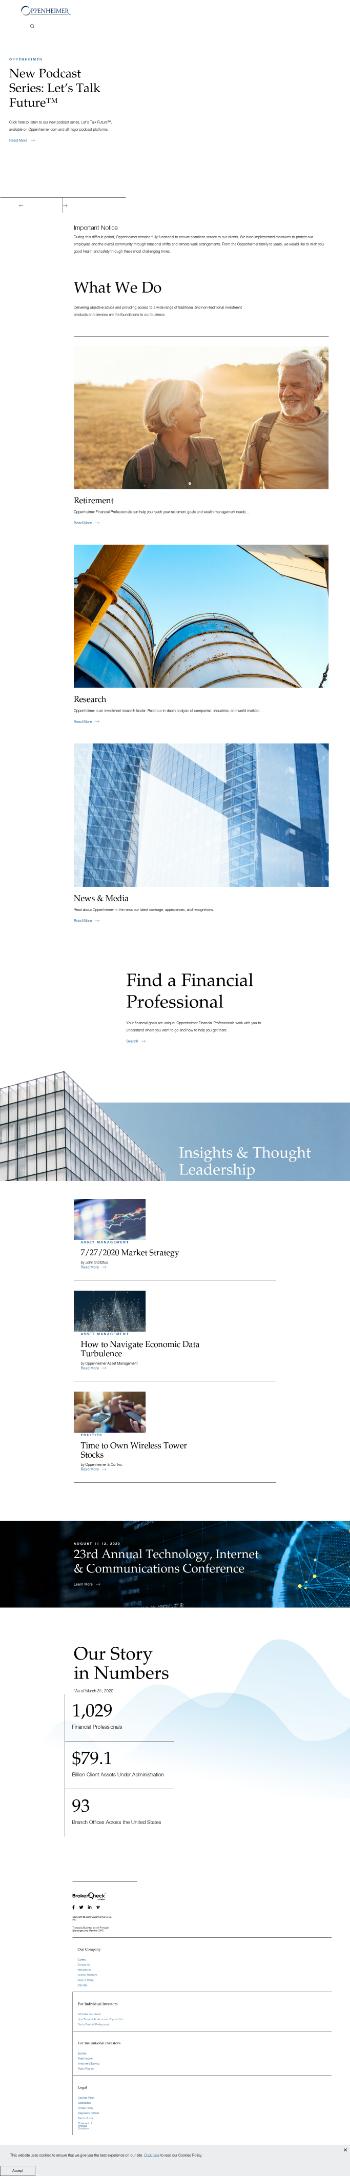 Oppenheimer Holdings Inc. Website Screenshot